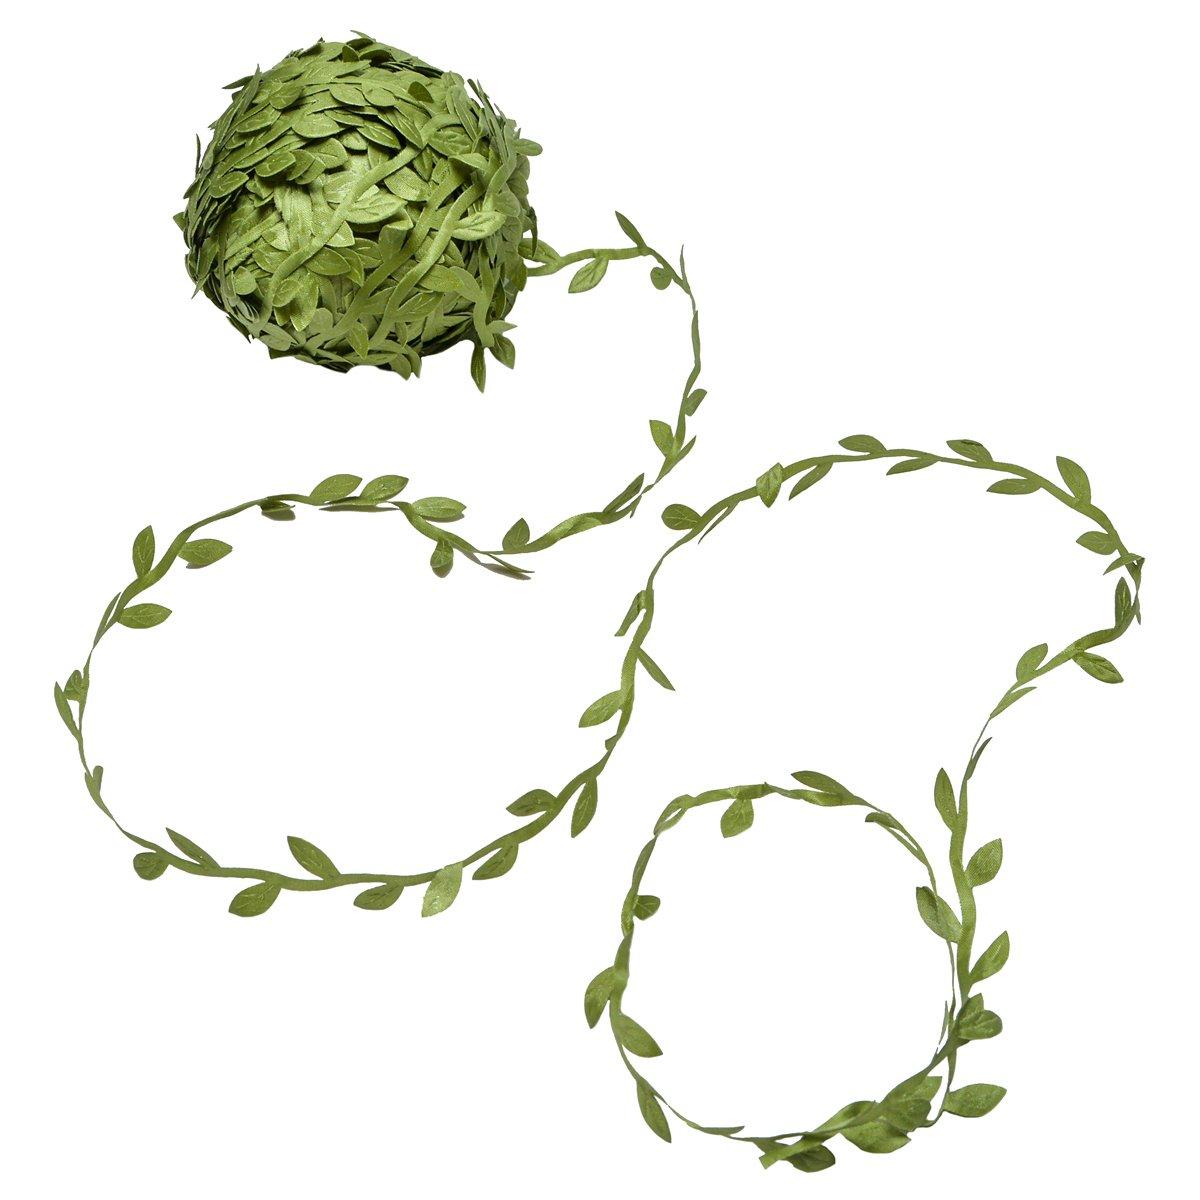 Yolito 77m piante artificiali viti oliva foglia Garland di edera verde a parete per matrimonio giardino casa muro decorazione